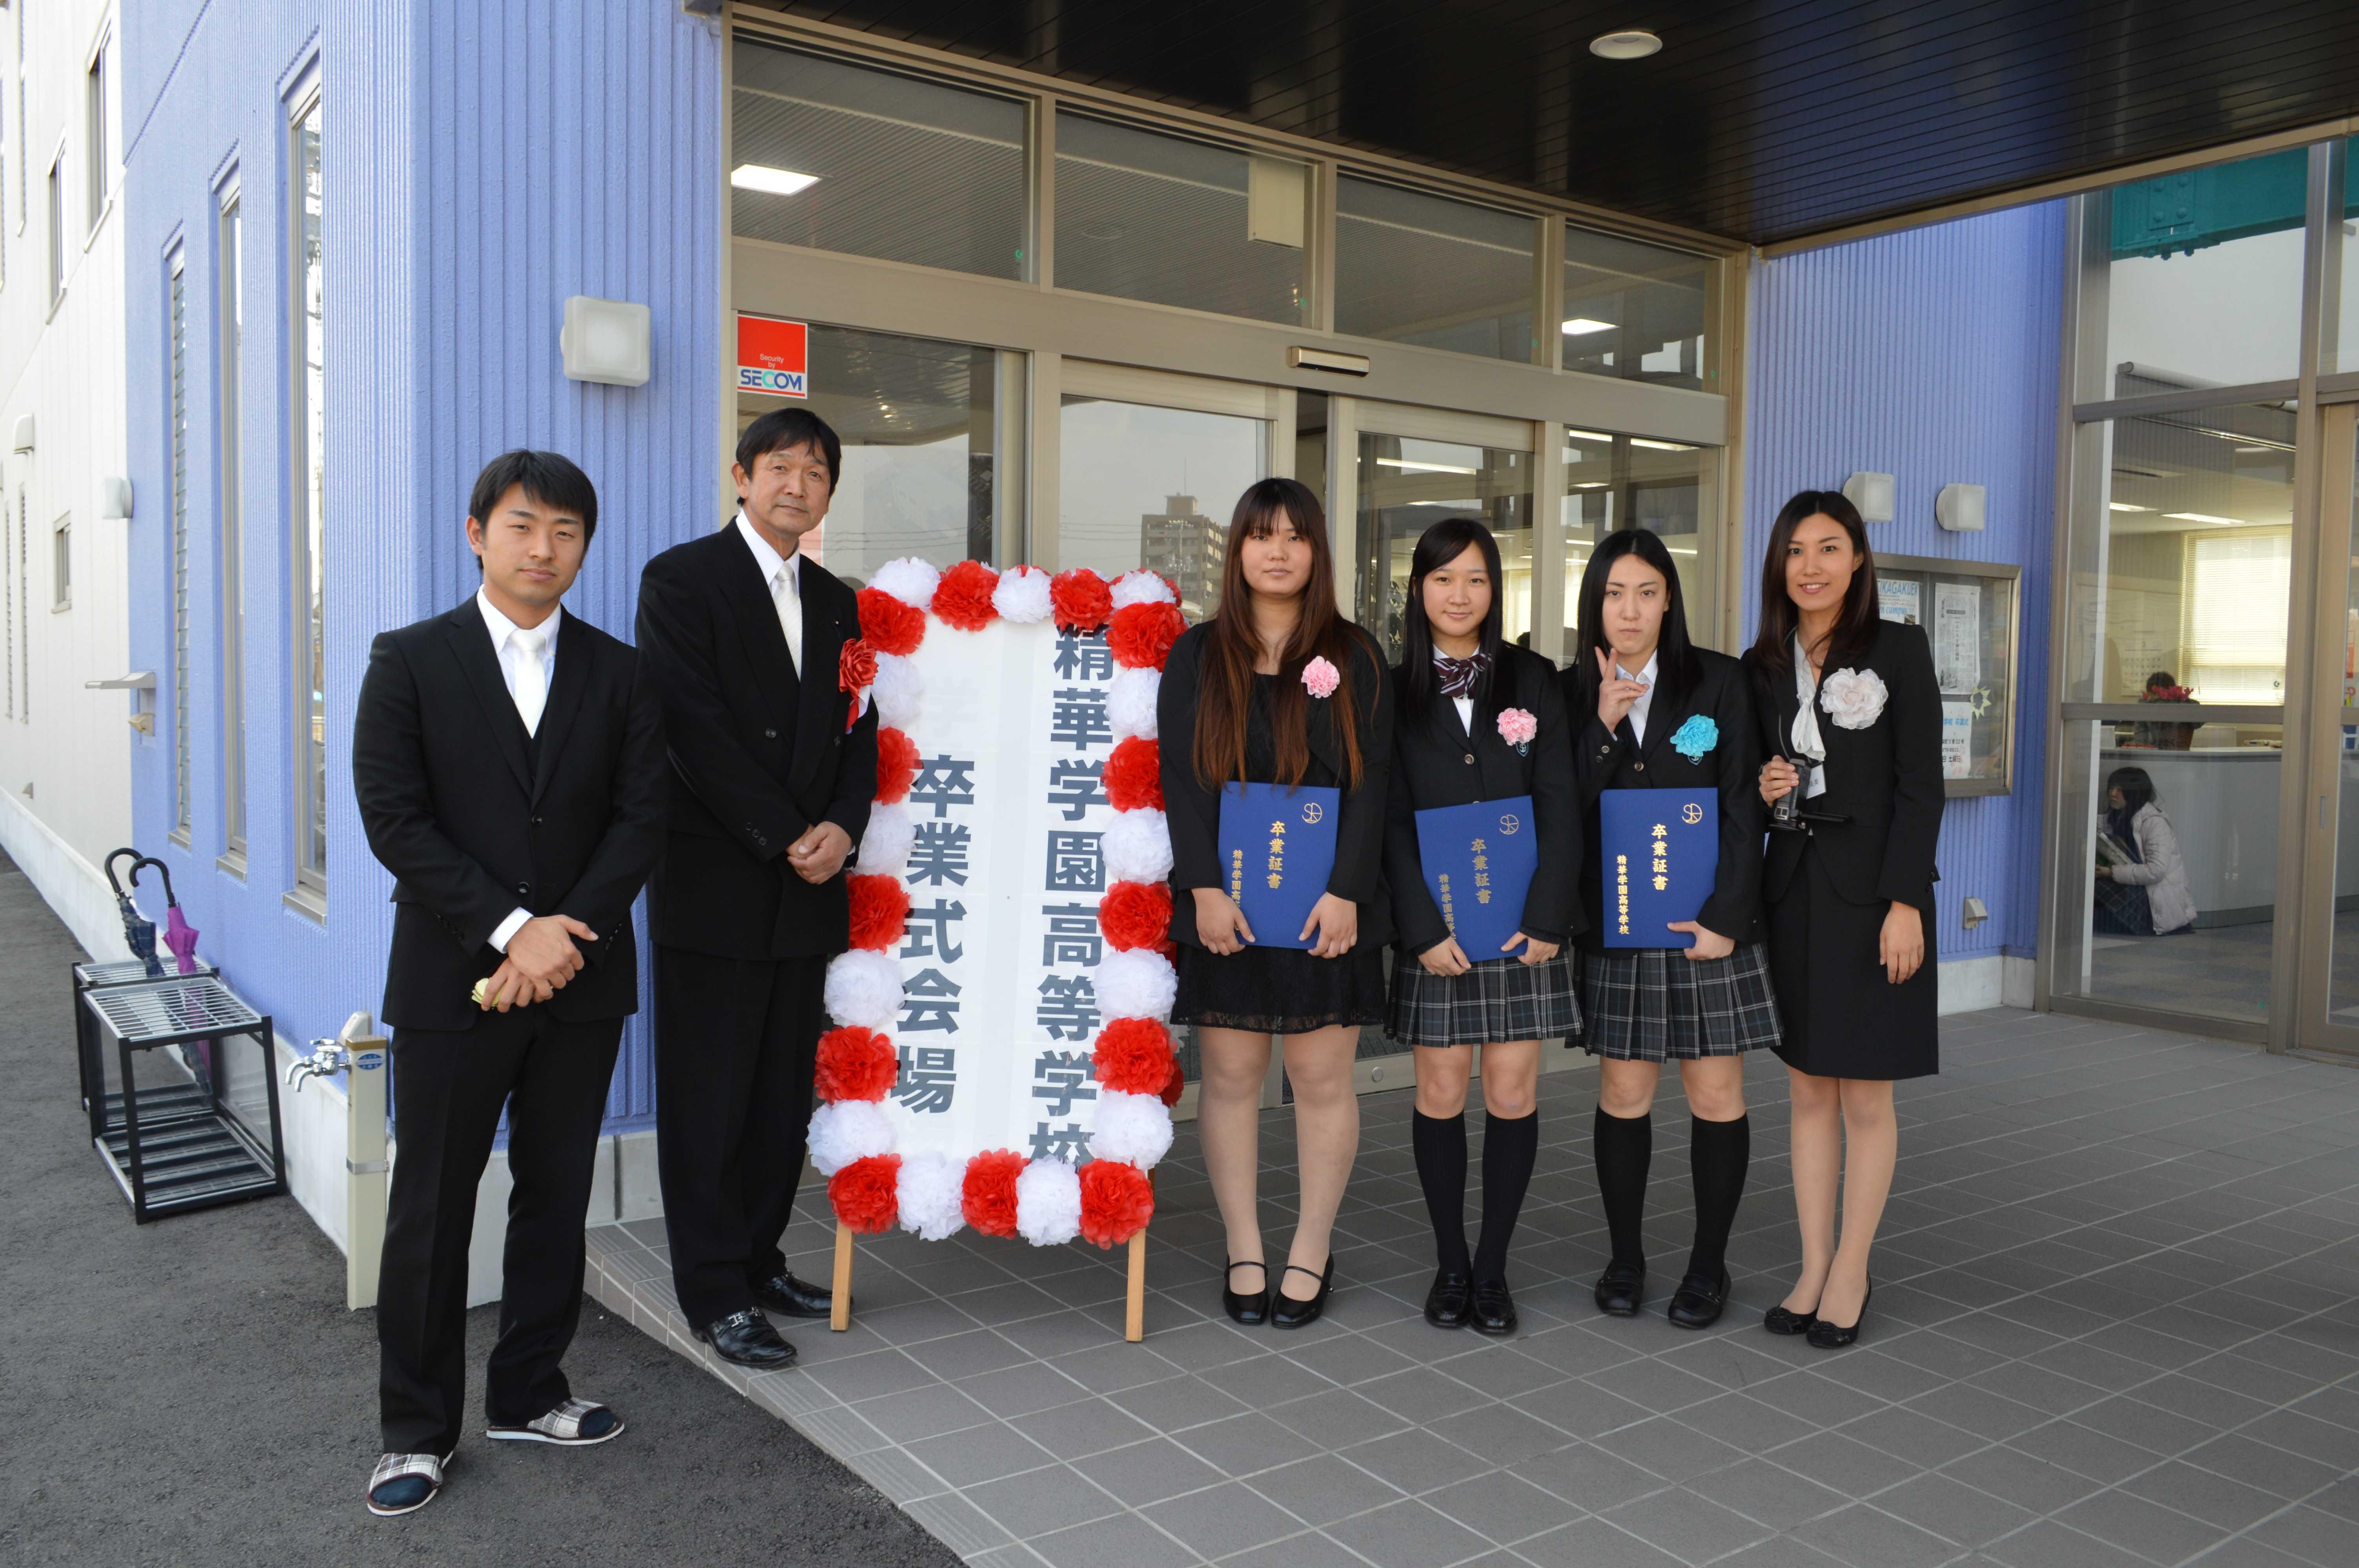 山口本校 卒業式 - 精華学園高等学校